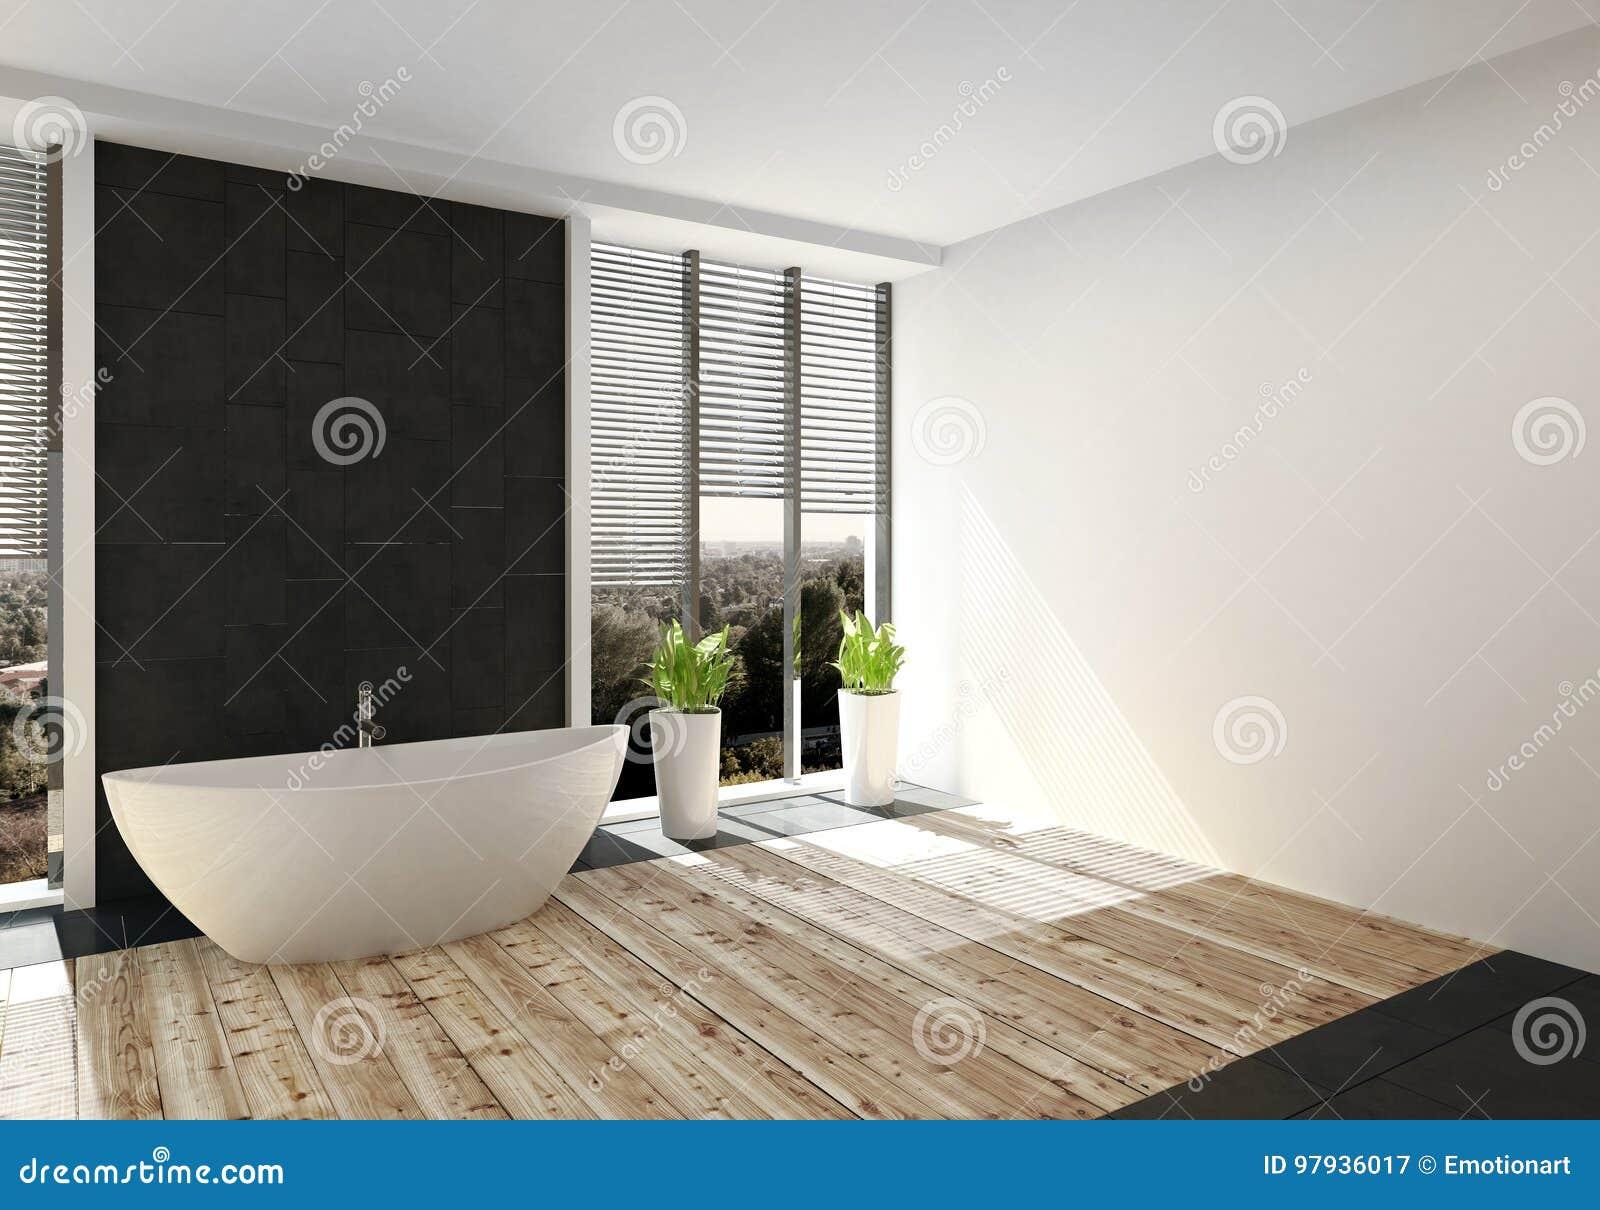 Bagni Di Lusso Moderni bagno di lusso moderno con il pavimento di legno leggero